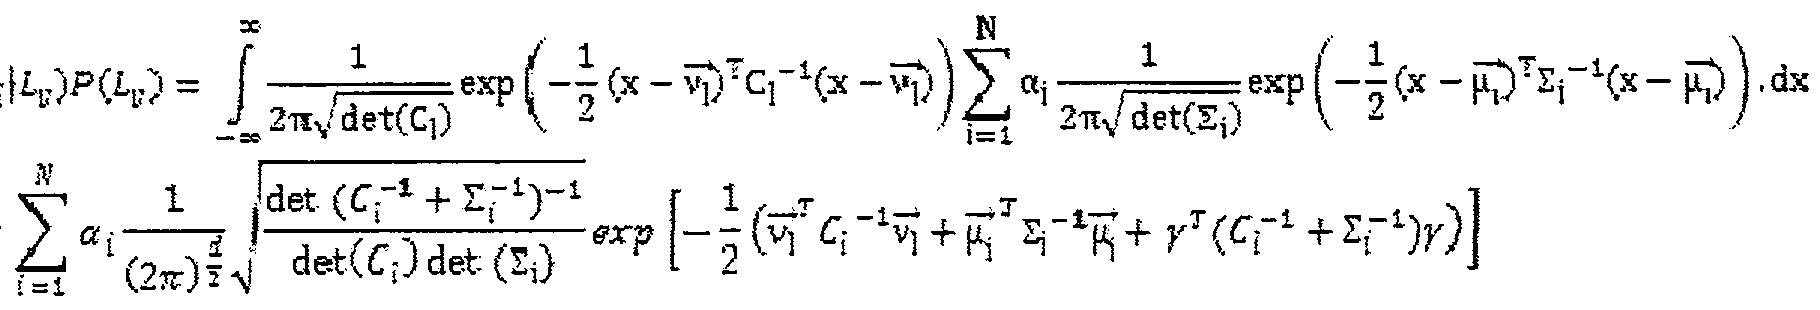 Figure imgf000034_0001